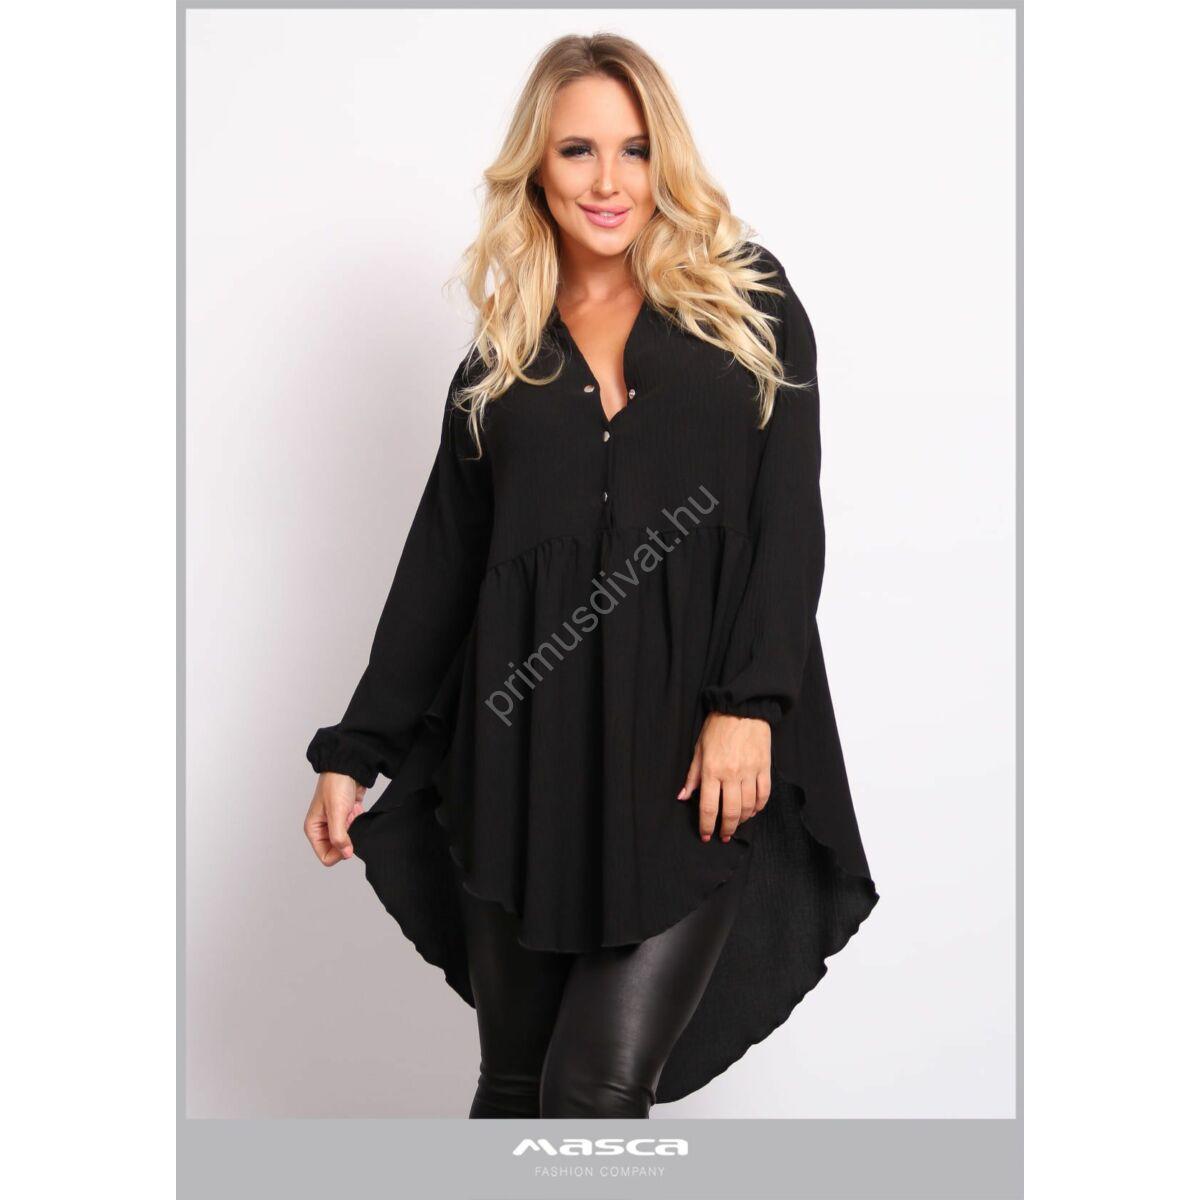 Masca Fashion patentos dekoltázsú, mell alatt elvágott bő, lezser hosszú ujjú blúz, tunika, háta alján hosszabb íves szabással,kreppes hatású szövött anyagból